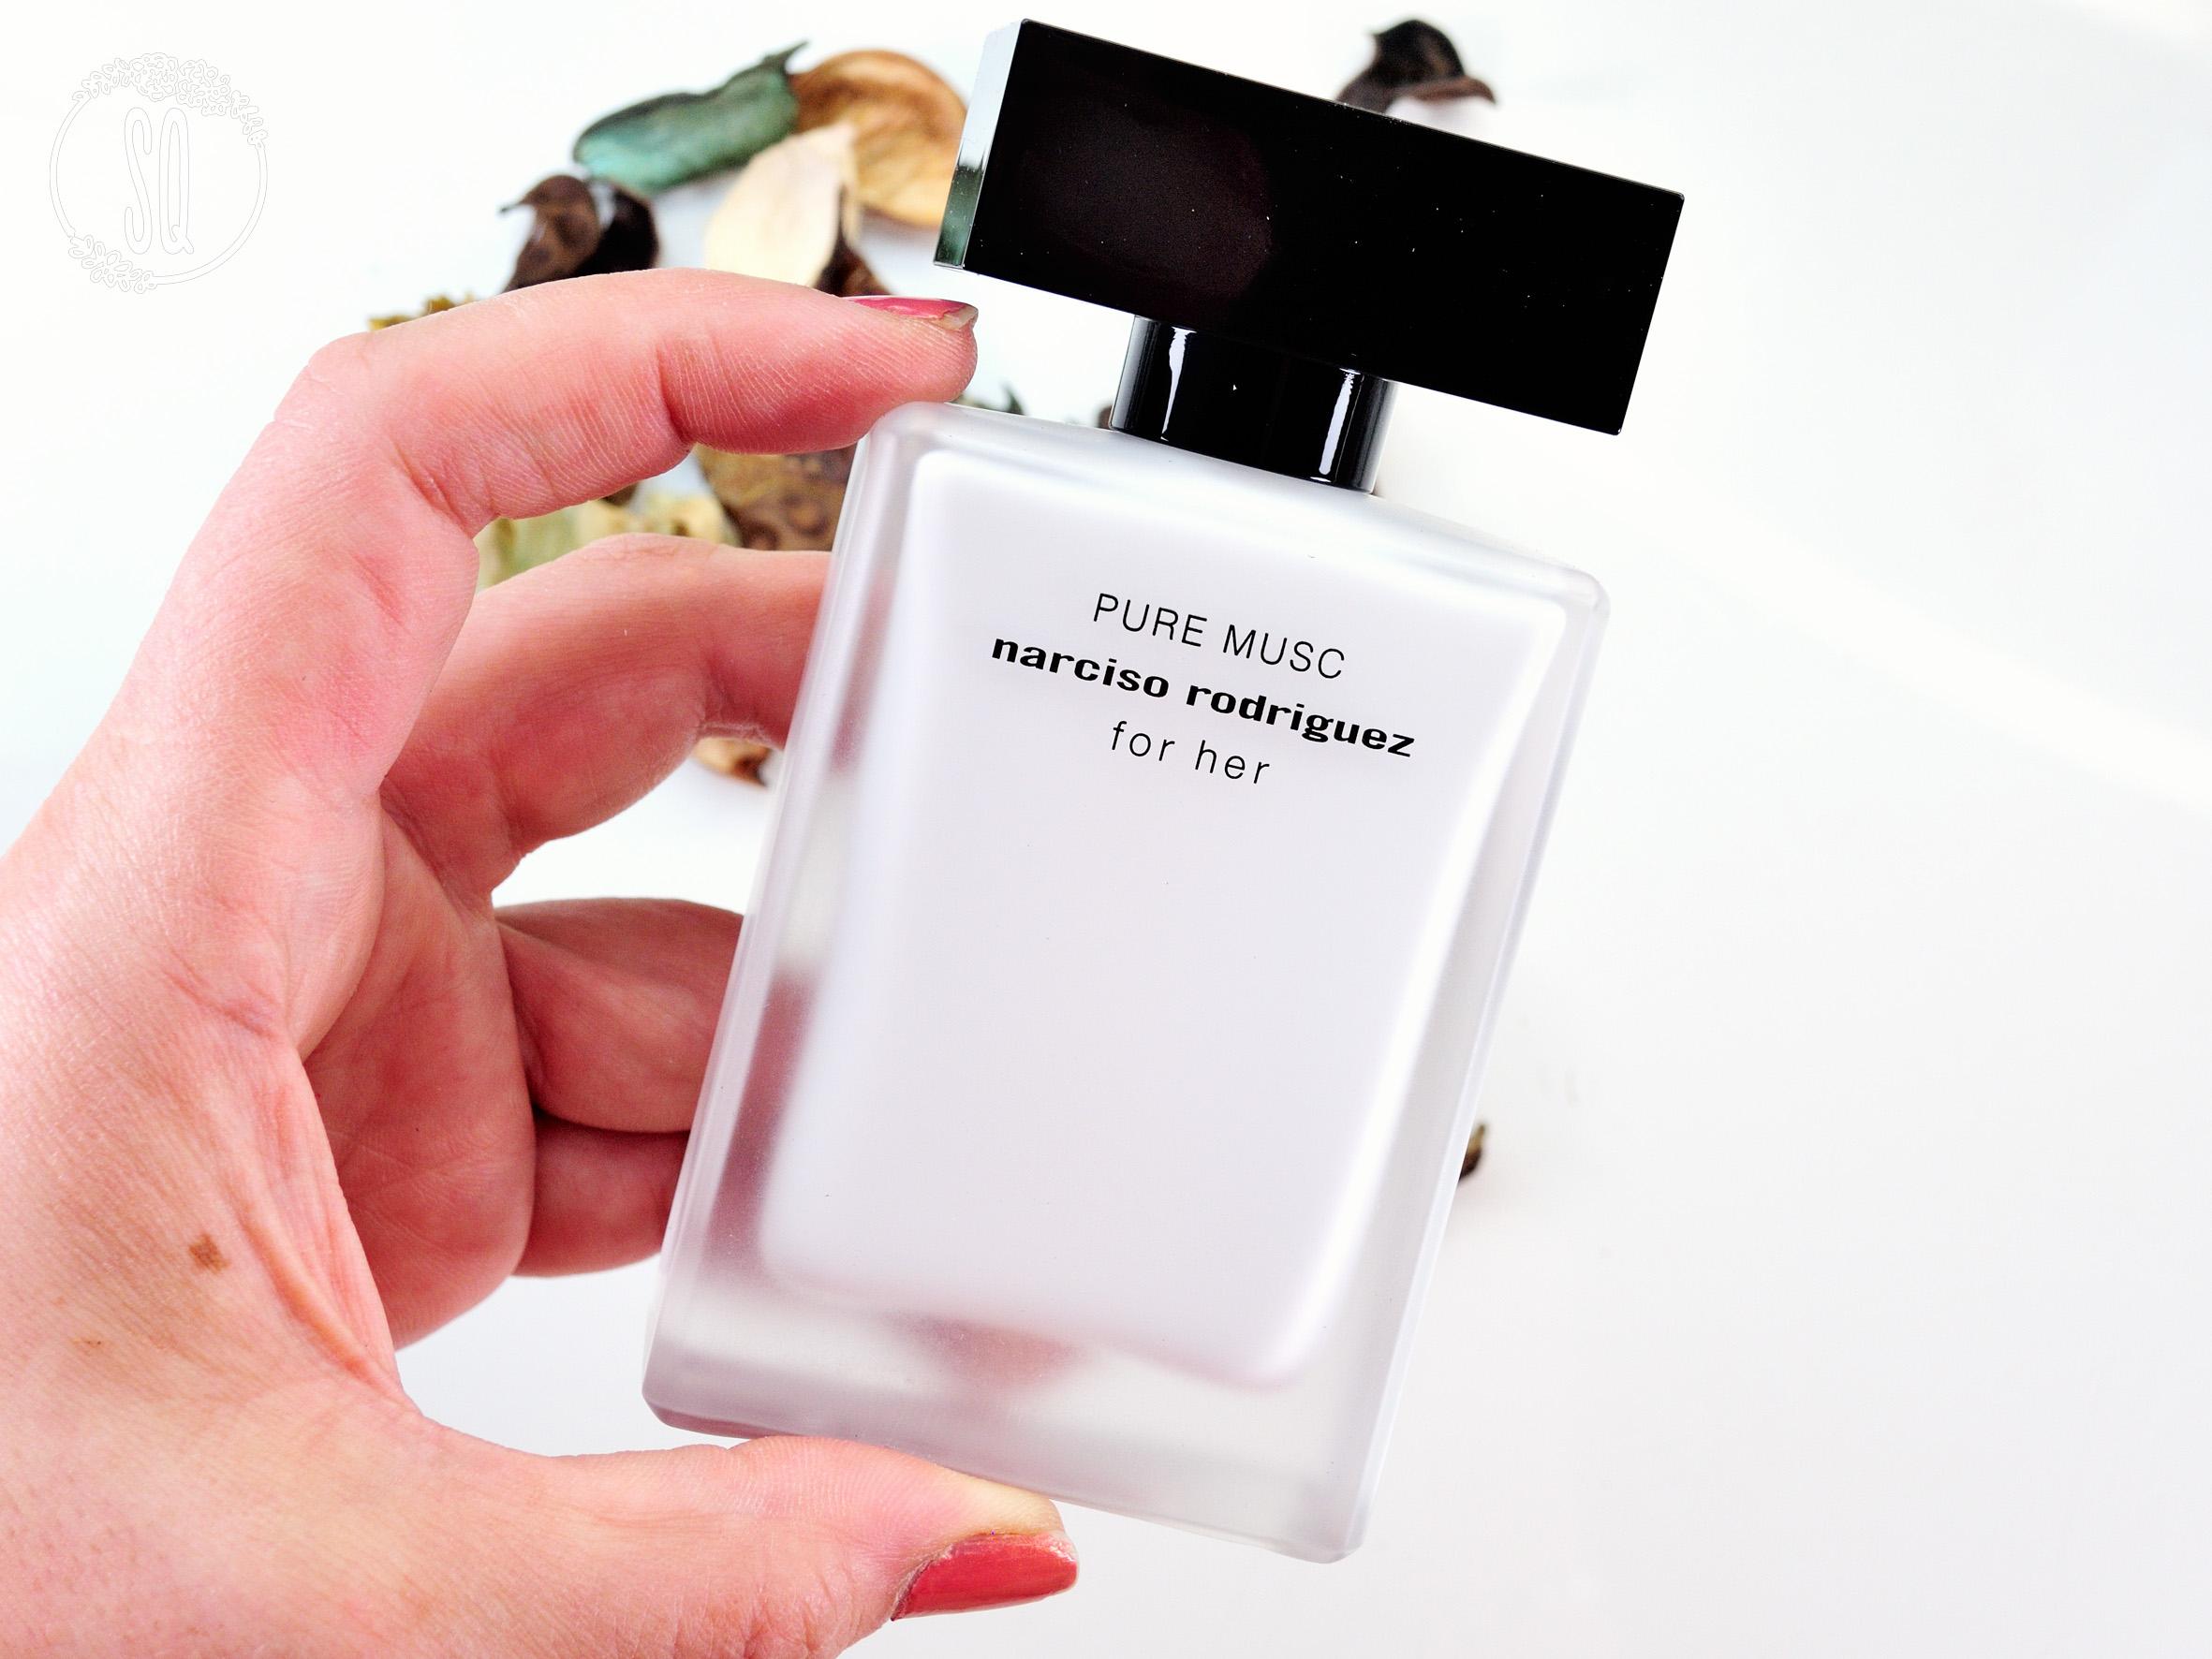 Pure Musc de Narciso Rodriguez, el perfume que cambia los perfumes